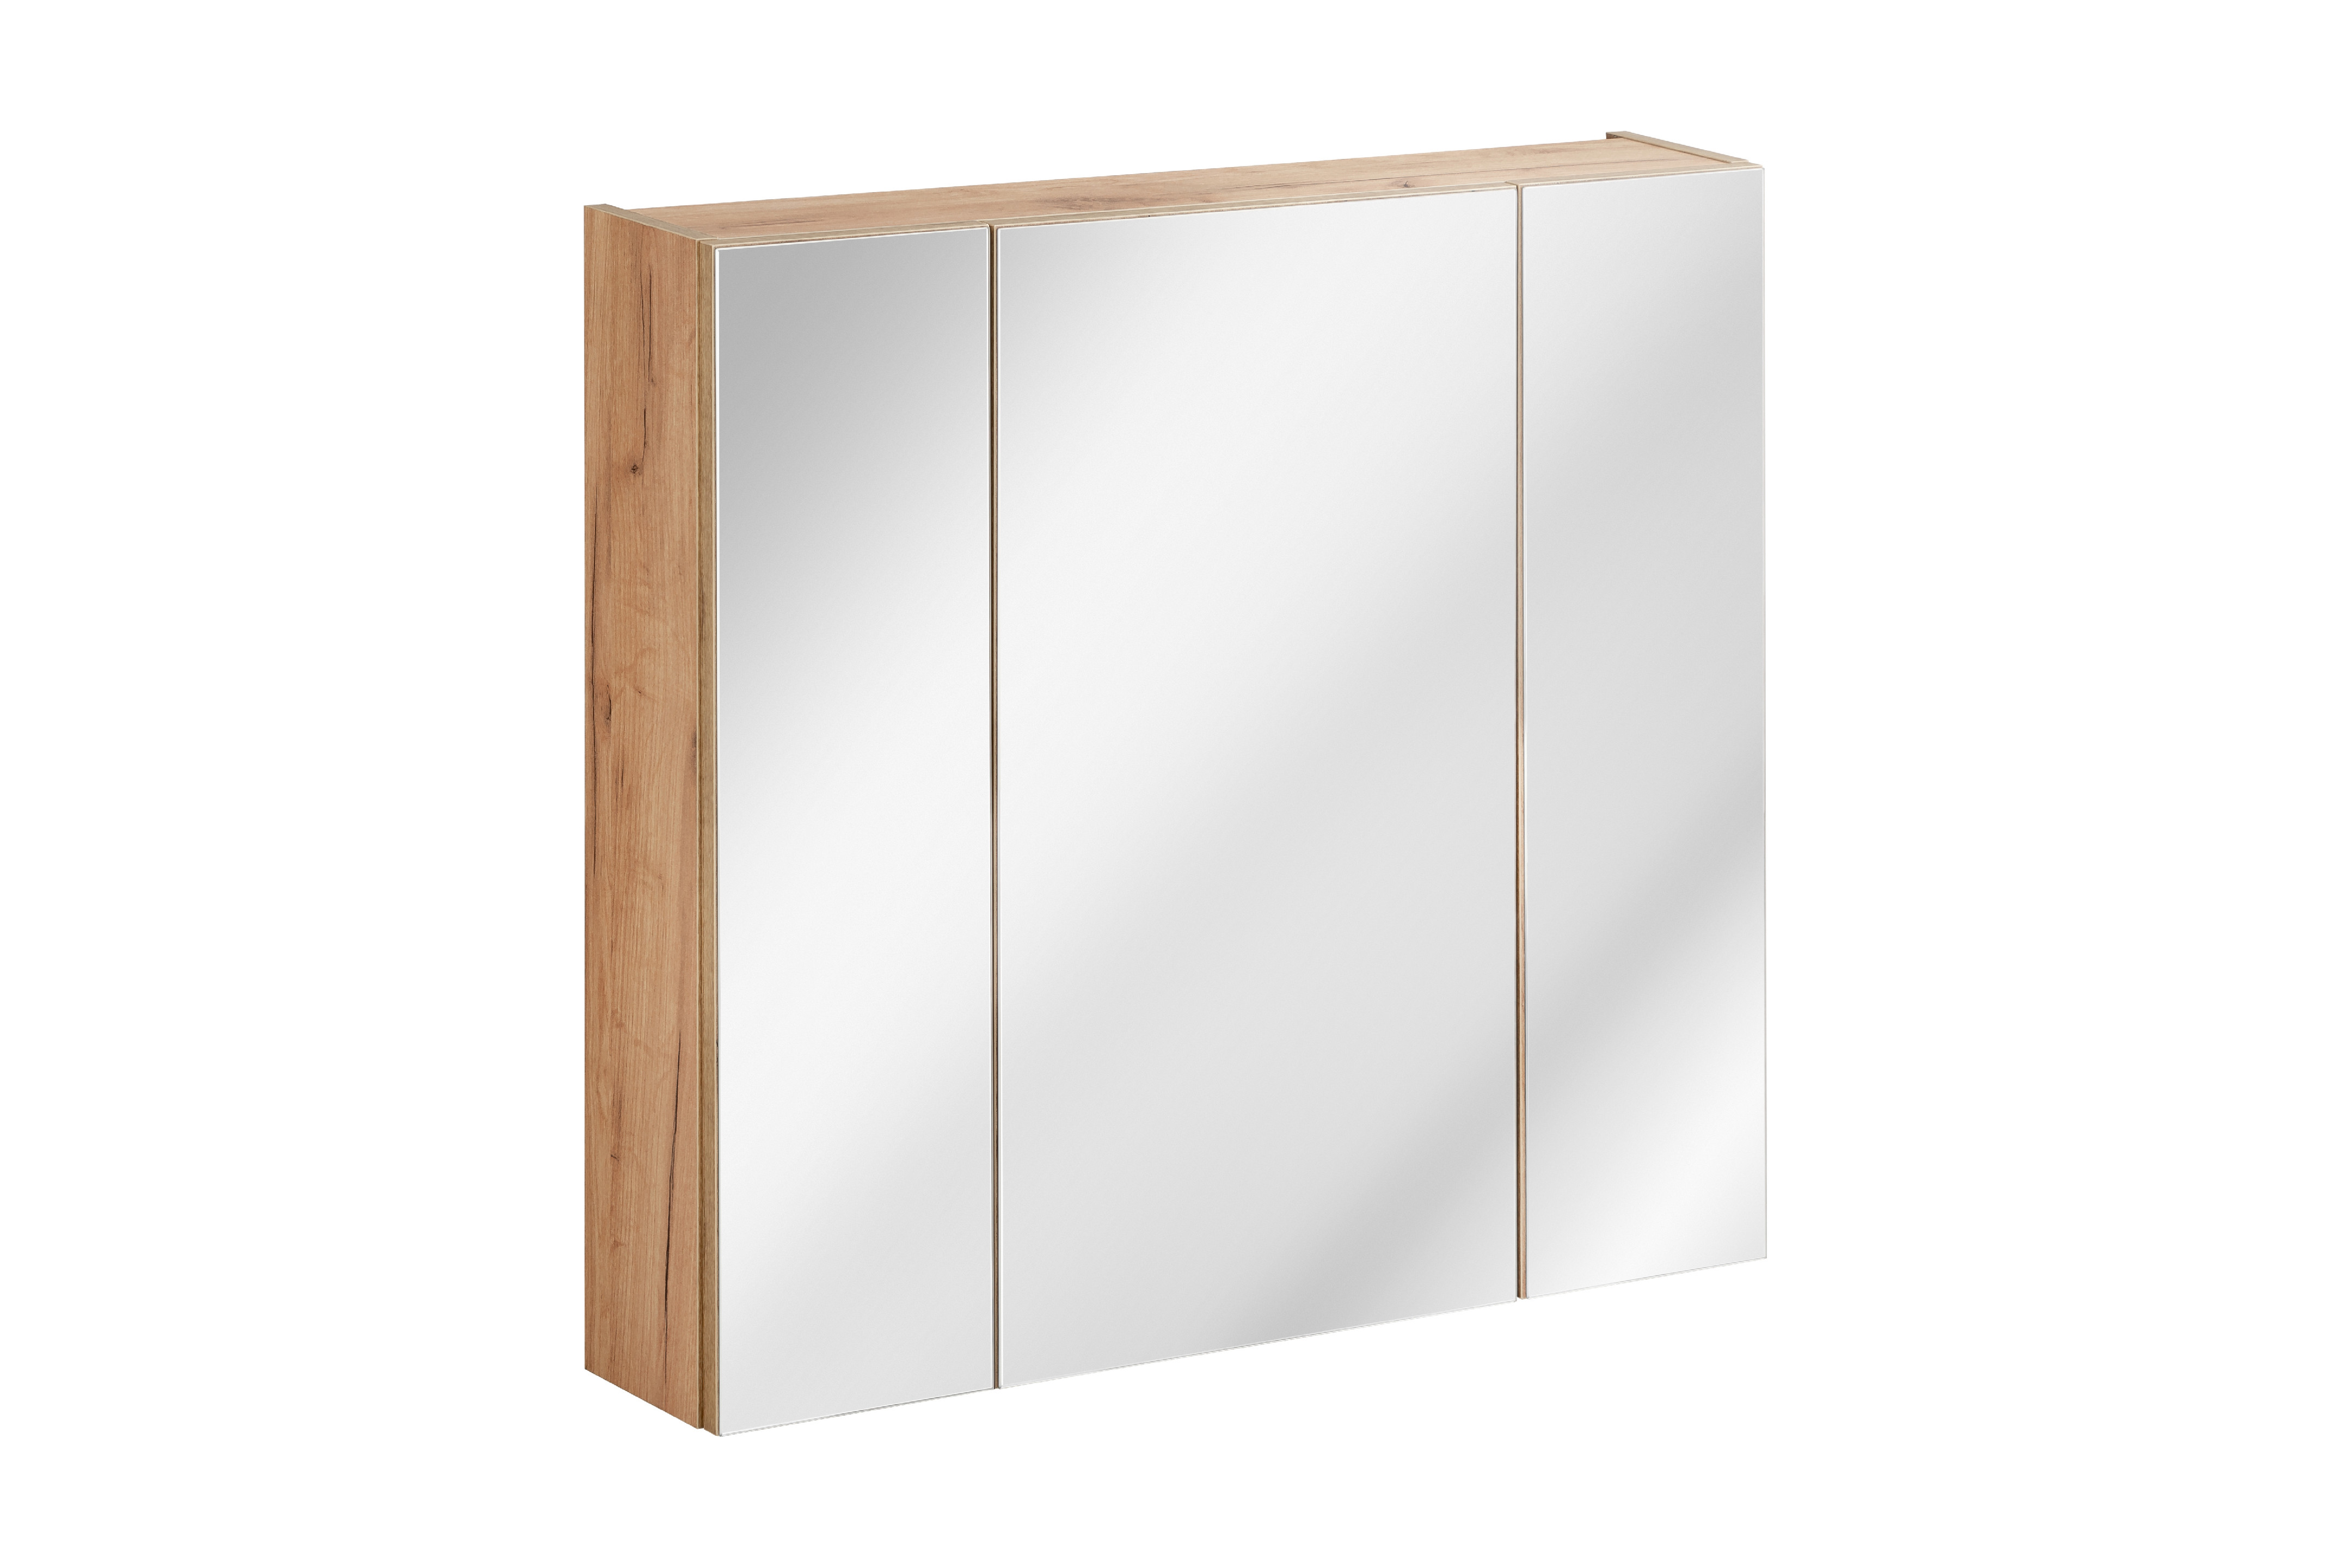 ArtCom Kúpeľňová zostava Capri Cosmos   čierny mat Capri   dub zlatý: Horná zrkadlová skrinka 843 - 80 cm